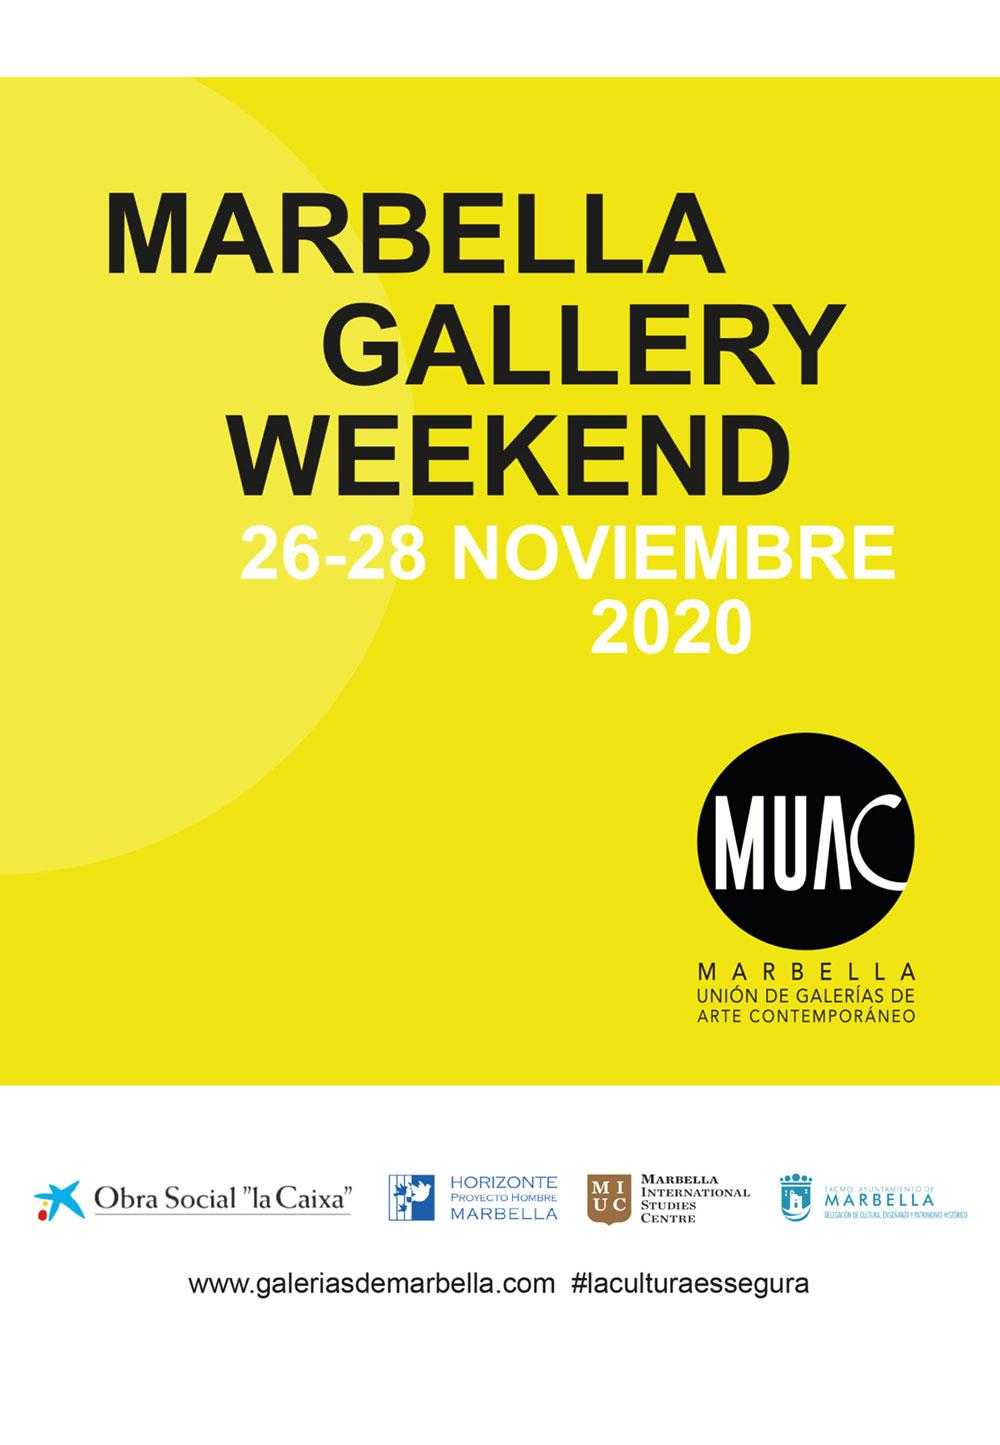 Se constituye la MUAC, la Unión de Galerías de Arte Contemporáneo de Marbella - Al Sol de la Costa